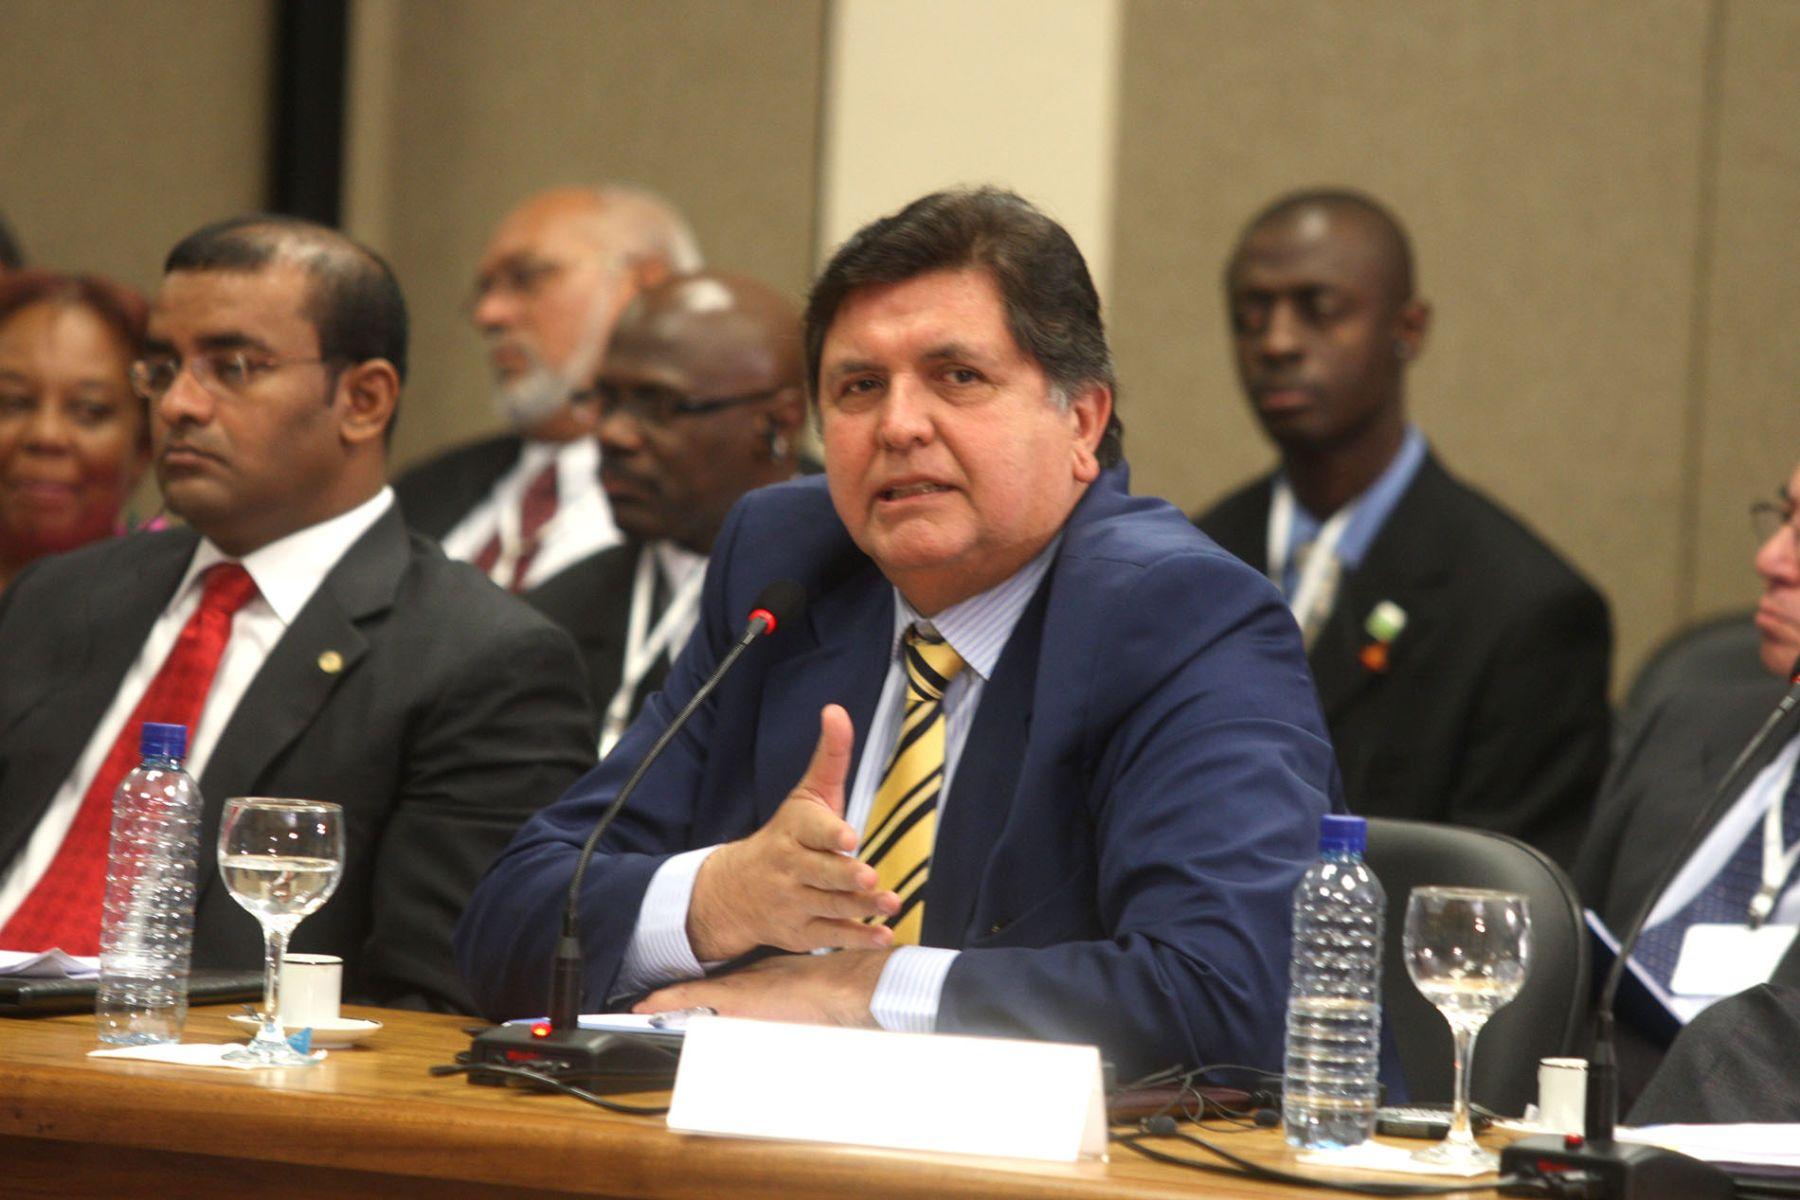 El presidente Alan García interviene en la ceremonia de consttución de Unasur en Brasilia. Foto: ANDINA/Piero Vargas.